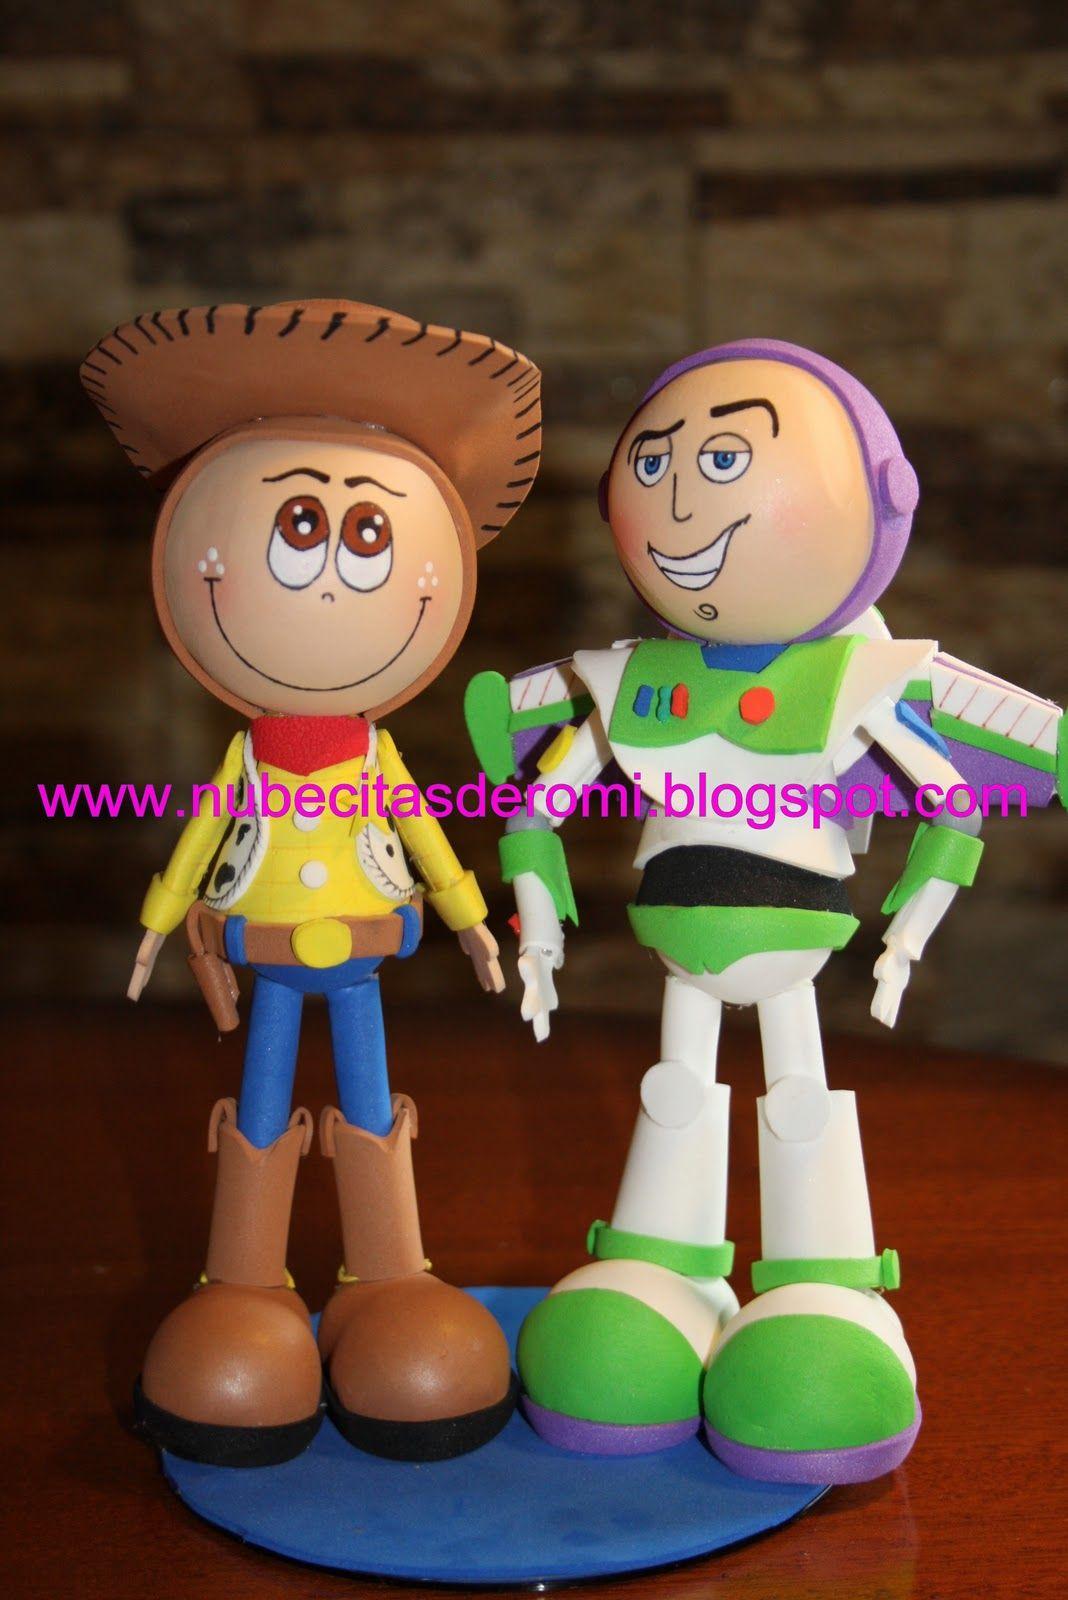 Nubecitas De Romi Buzz Y Woody Fofuchos 3d Goma Eva Fofuchas Muñecas Goma Eva Manualidades Con Goma Eva